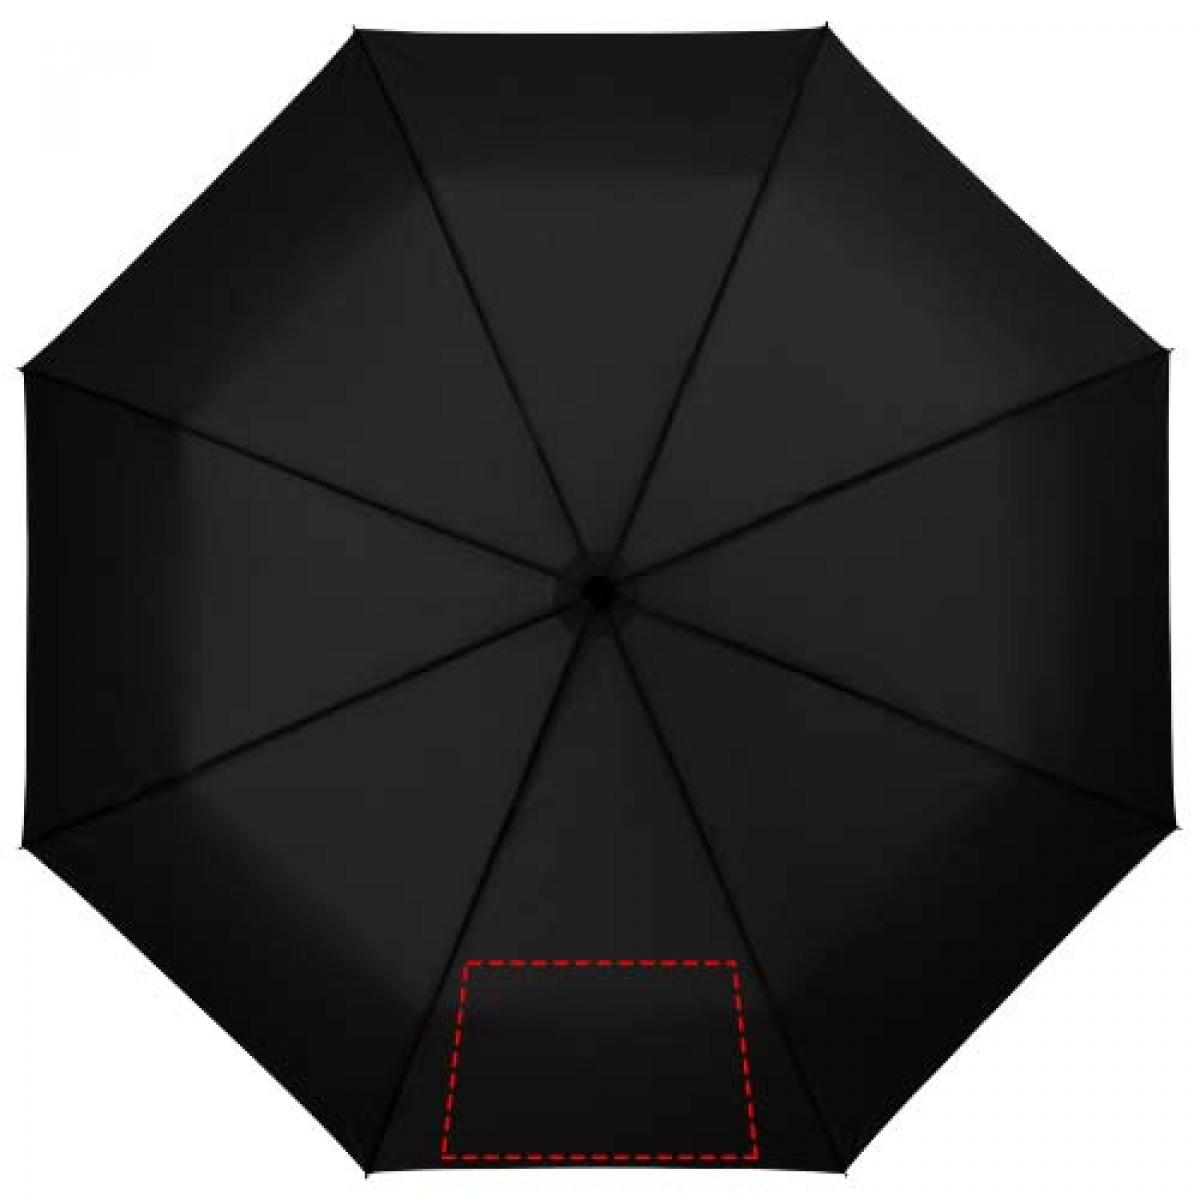 3-delige automatische paraplu